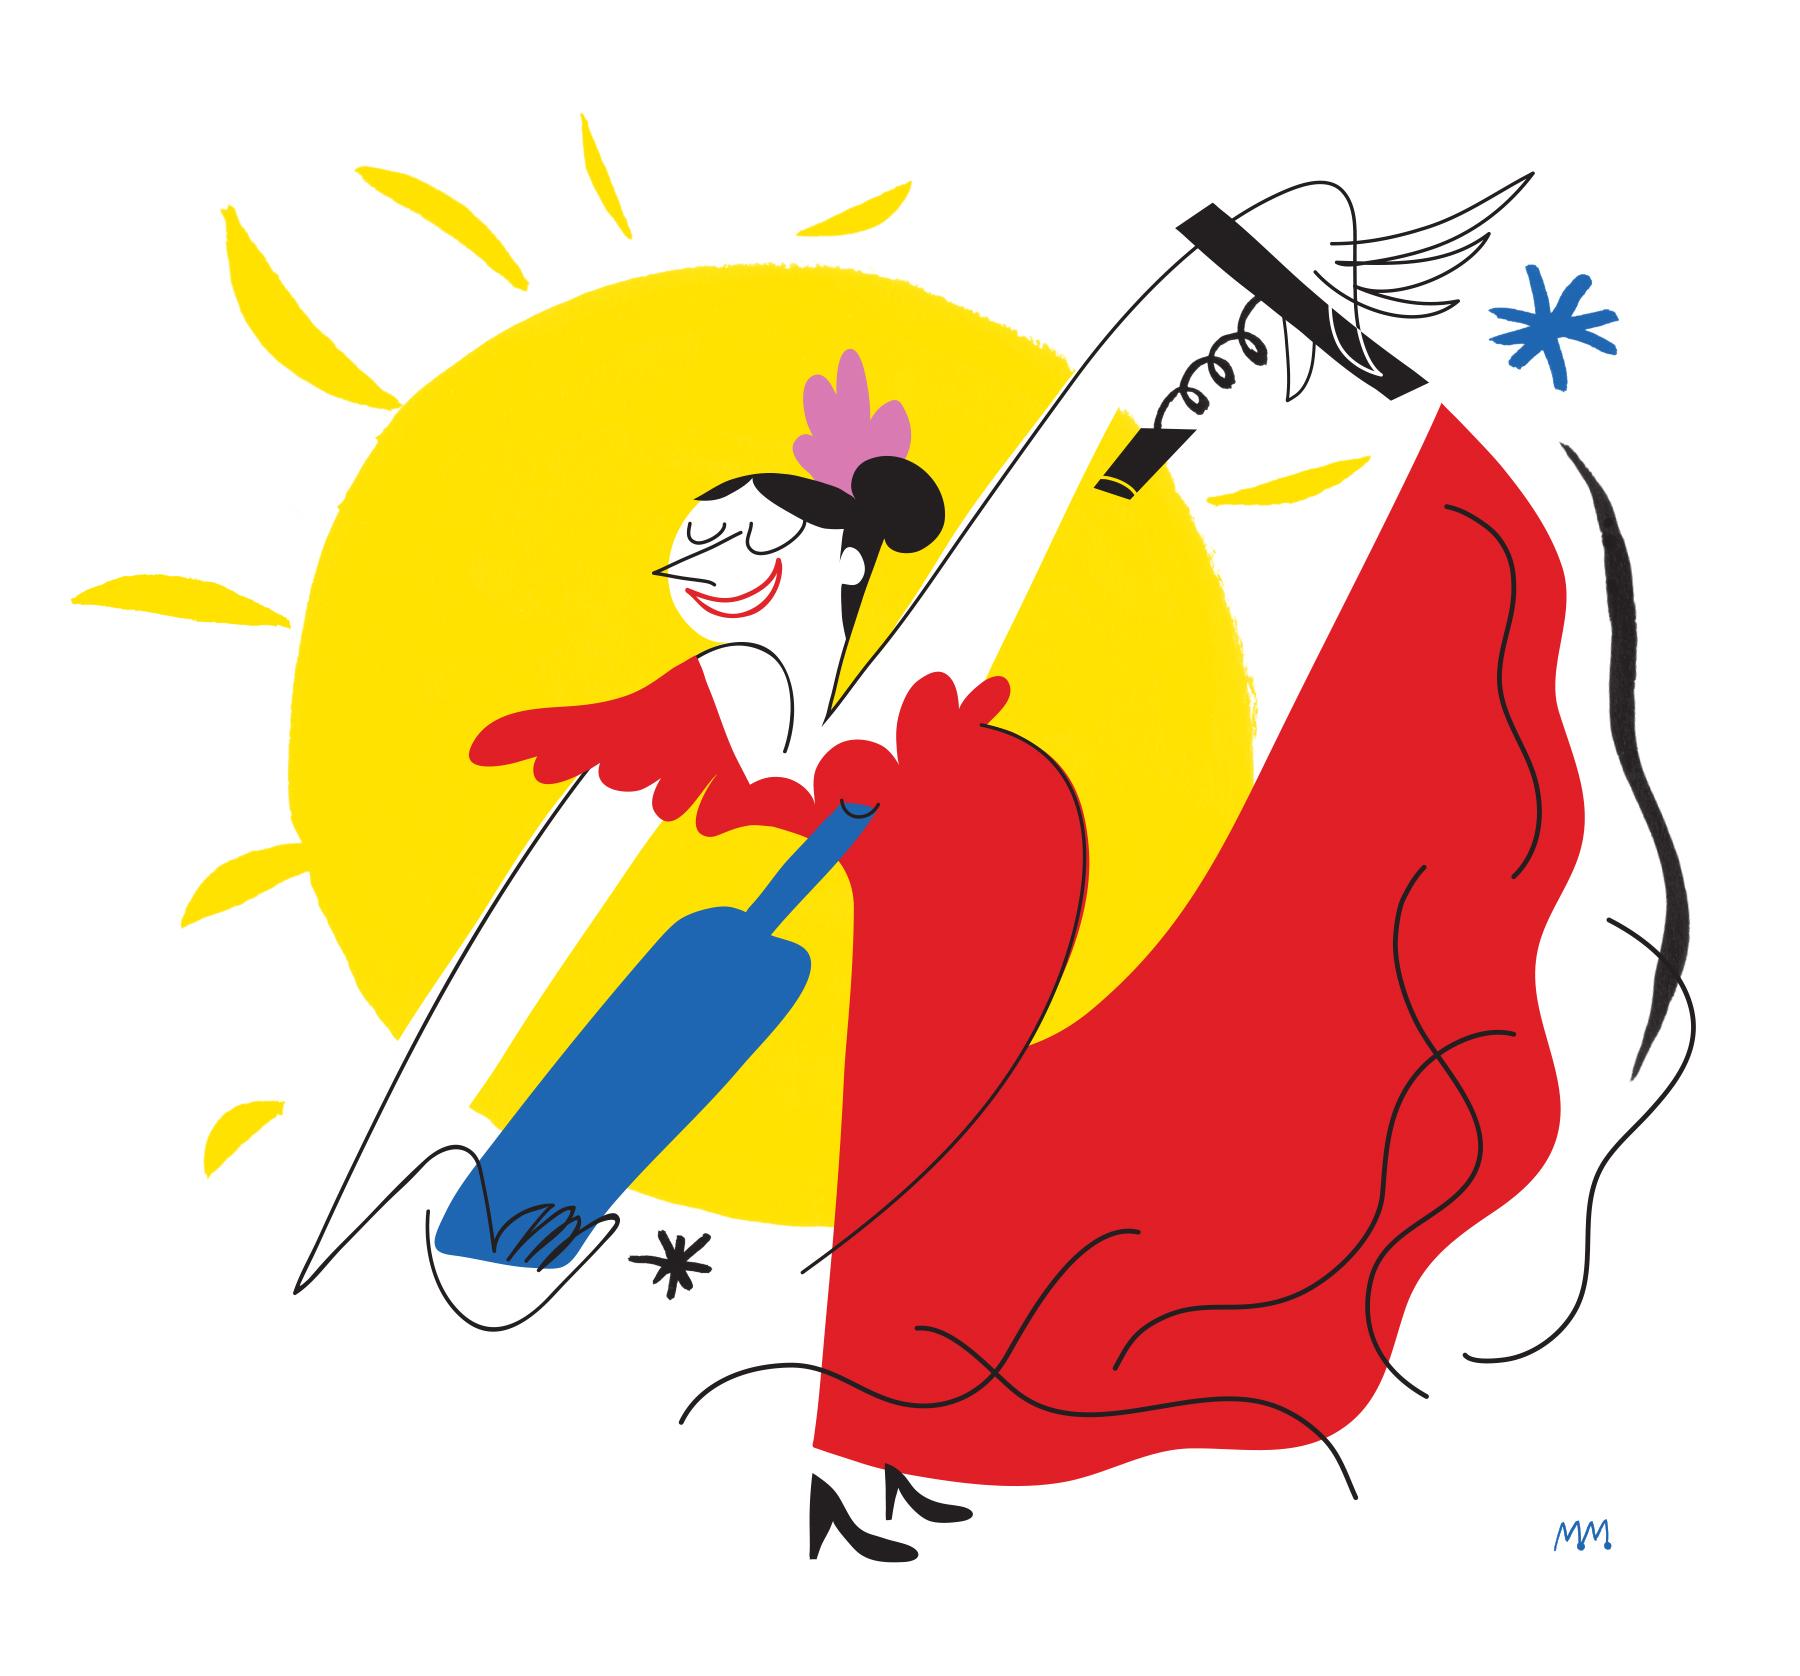 Vins et Flamenco / Wine and flamenco